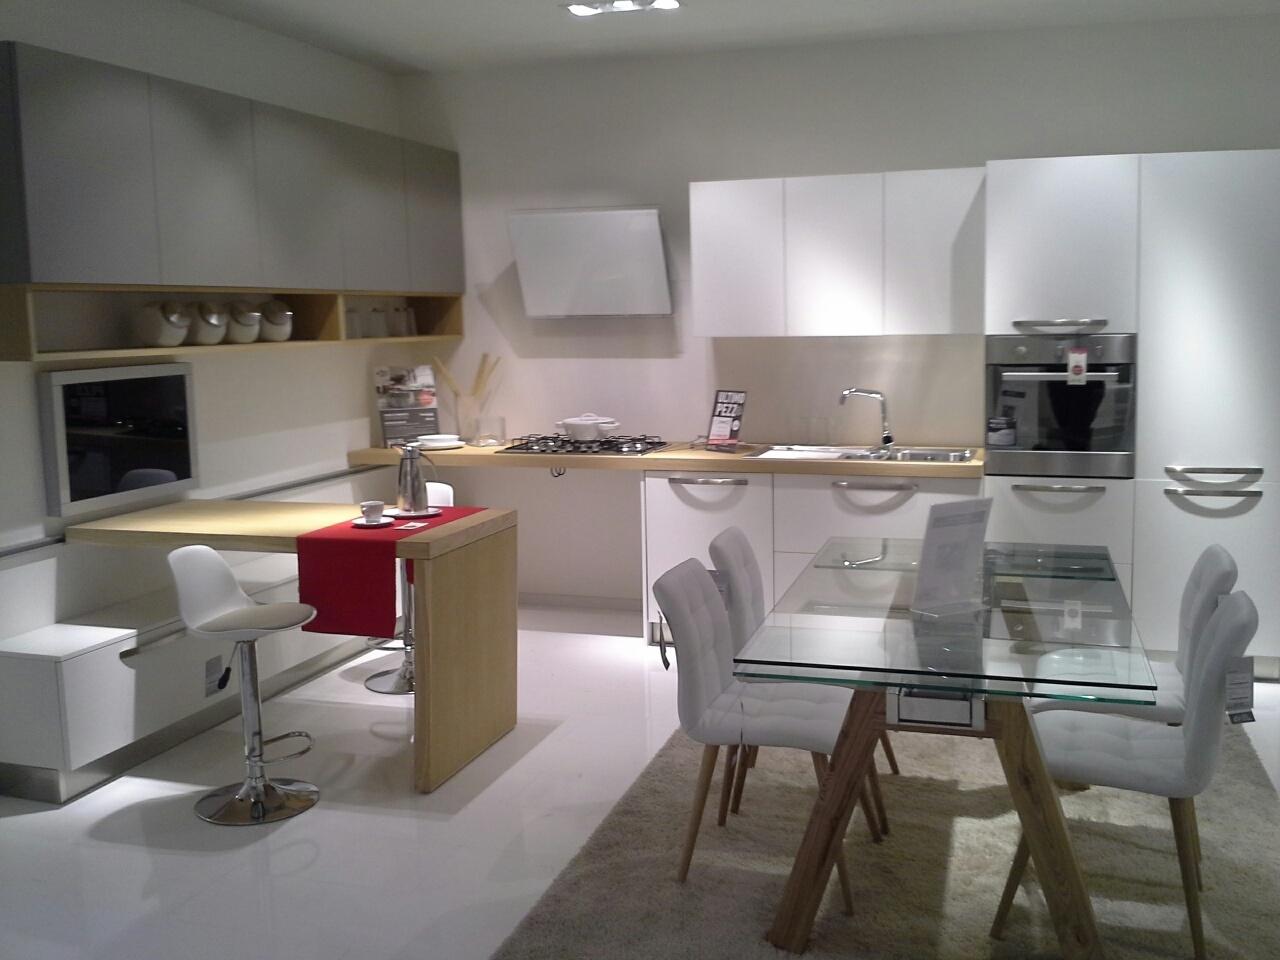 Cucina moderna con bancone scorrevole cucine a prezzi scontati - Cucina angolare con penisola ...